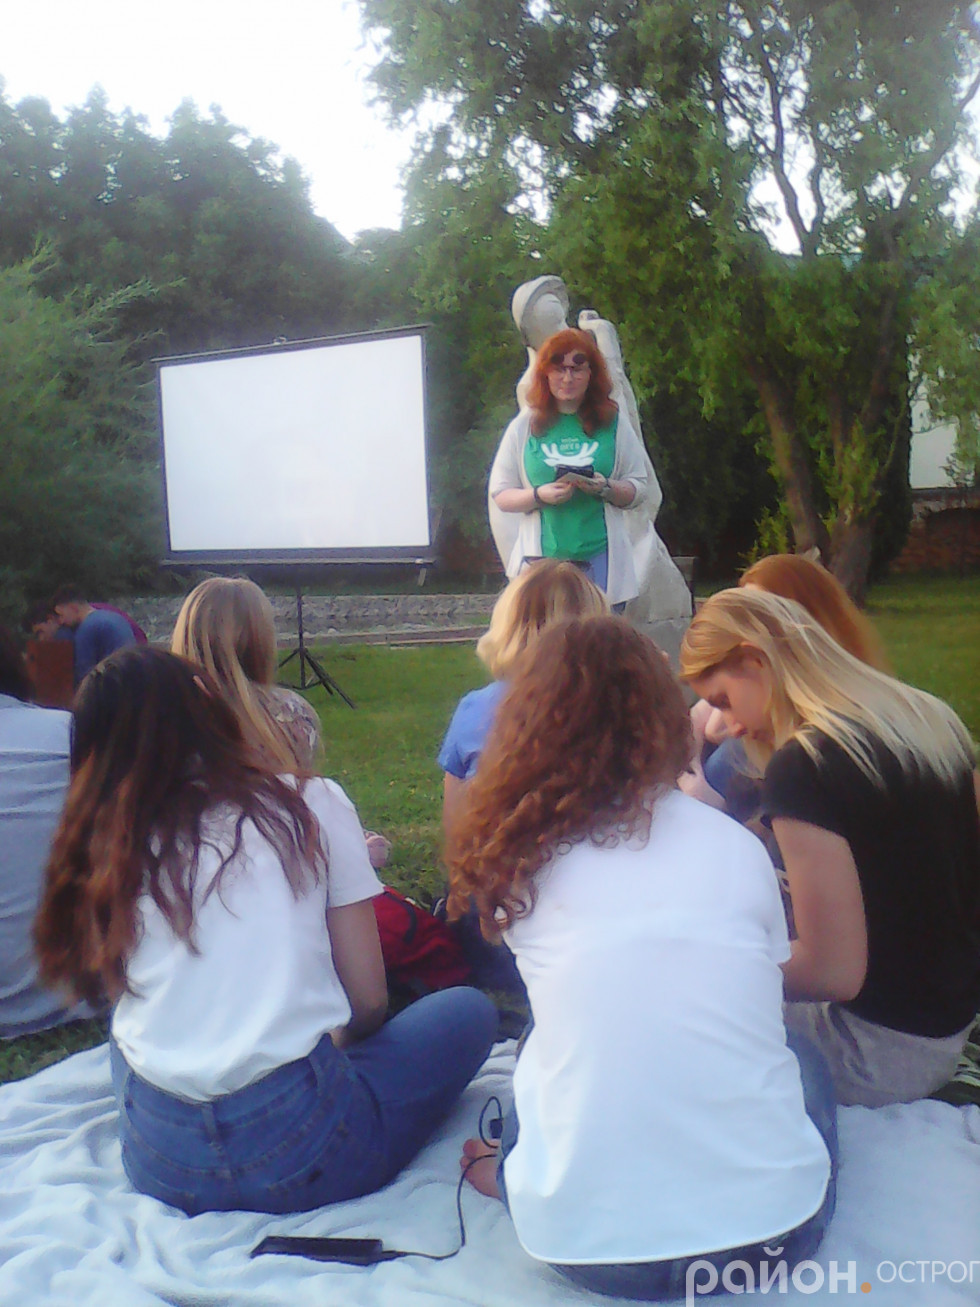 Вікторина перед початком показу фільму